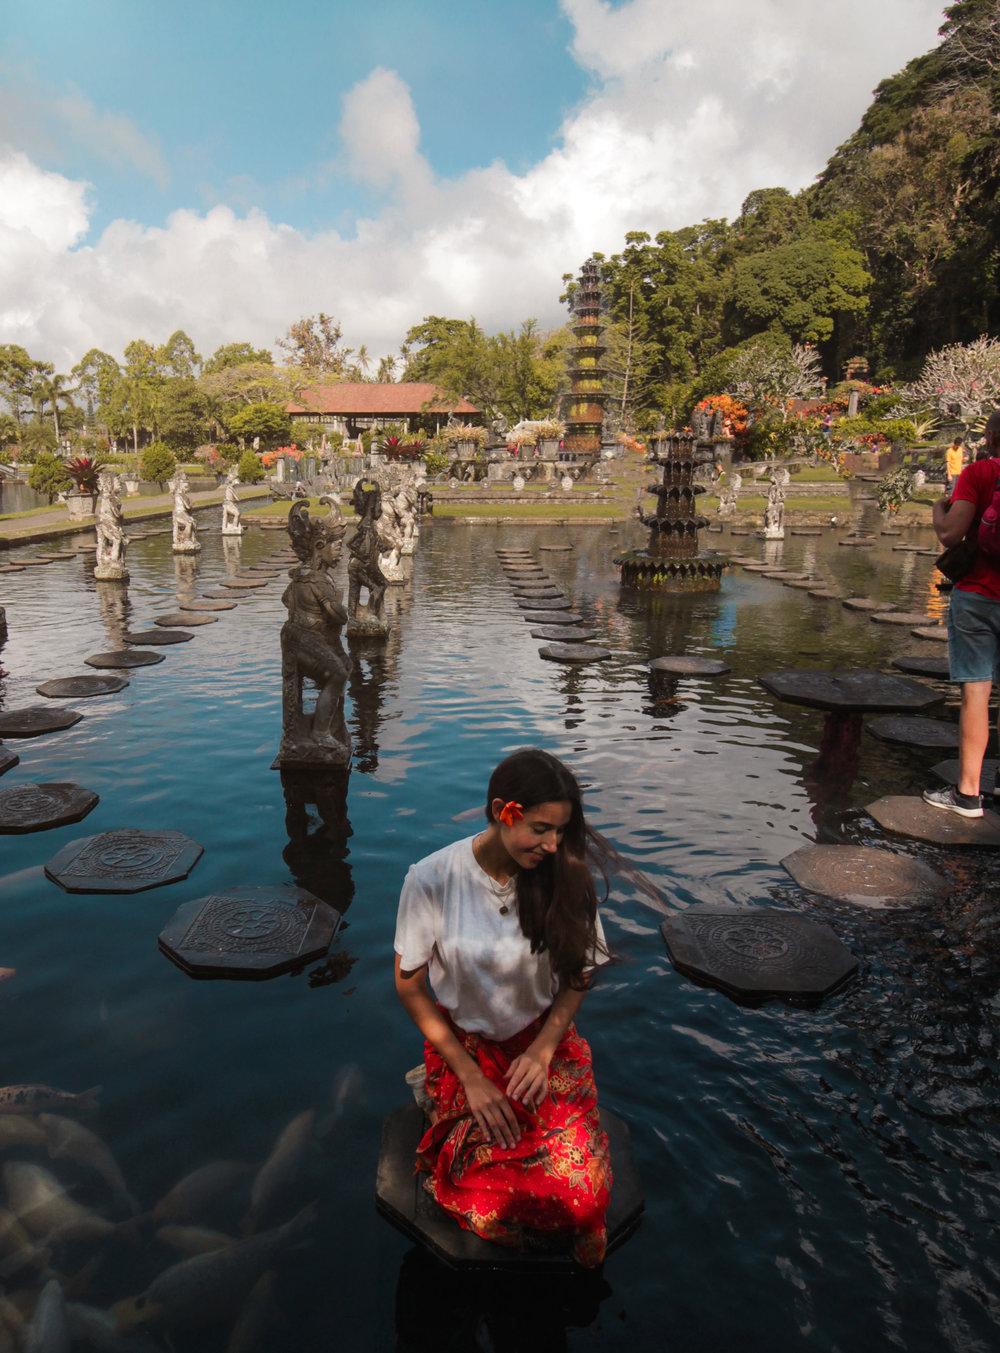 The Hunter Effect Lempuyang Temple Bali S Most Beautiful Sunrise